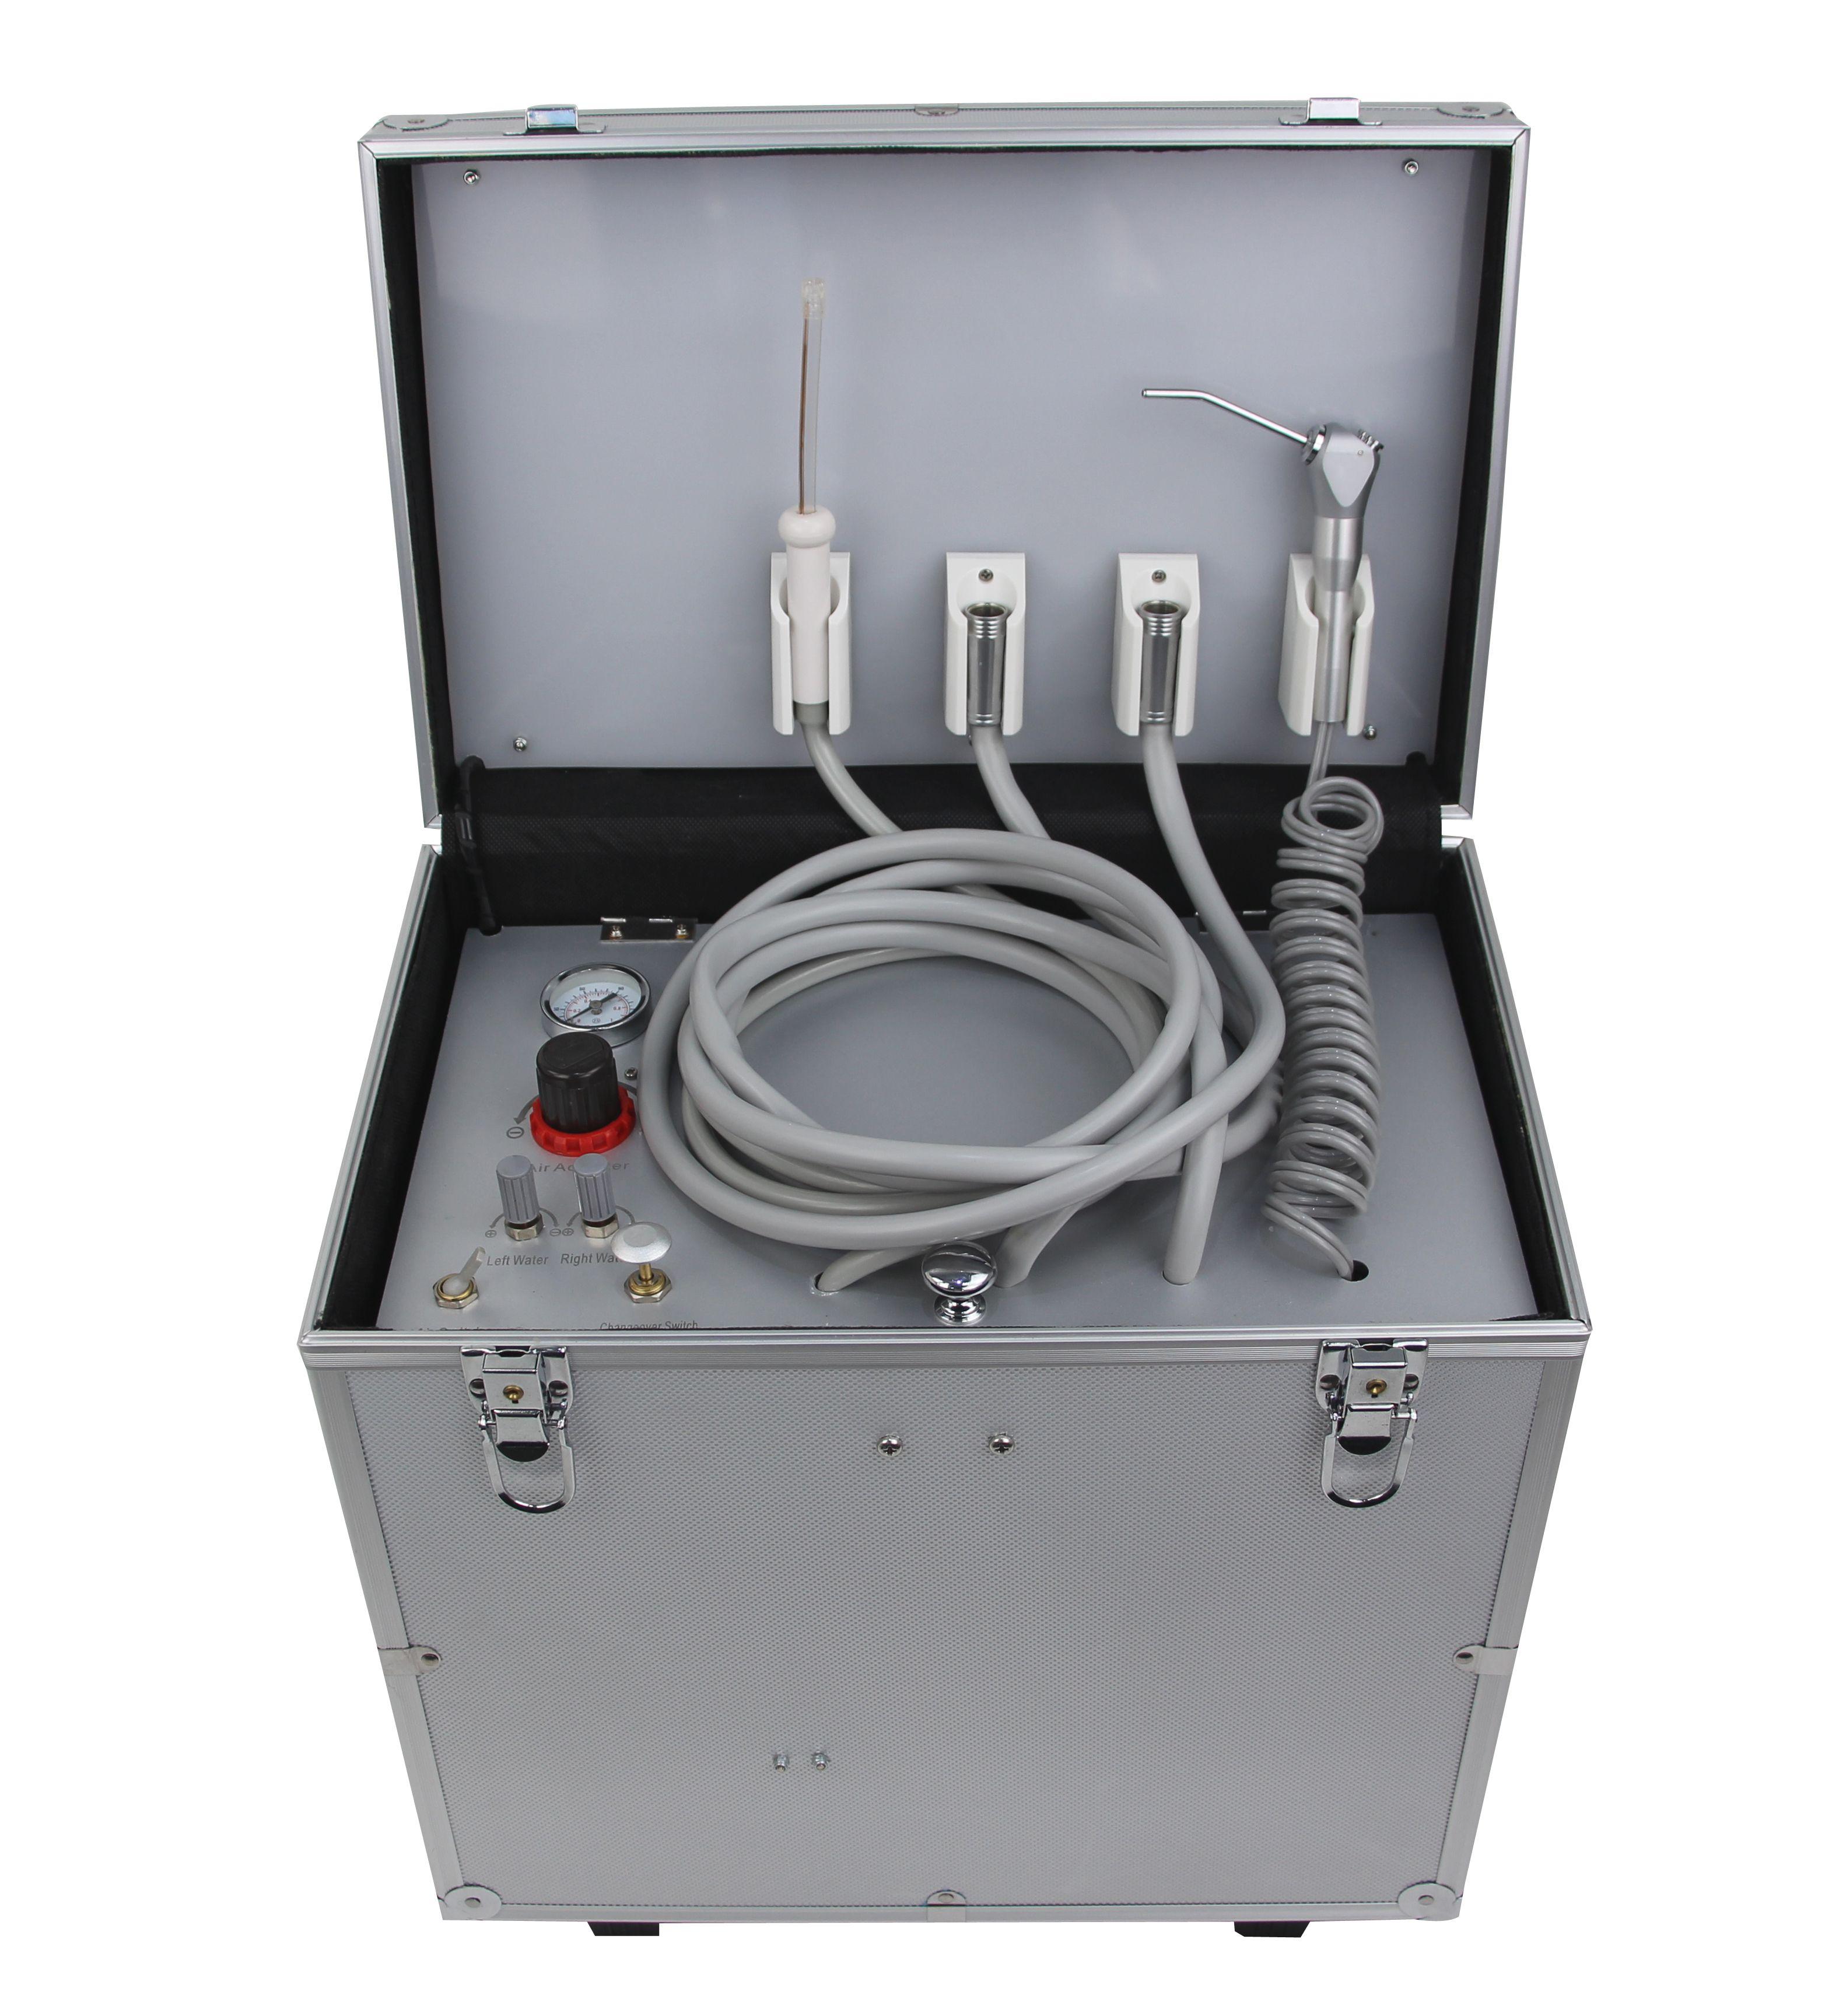 Supply Pressure 110V/60Hz,220V/50Hz Power 550W Speed R.P